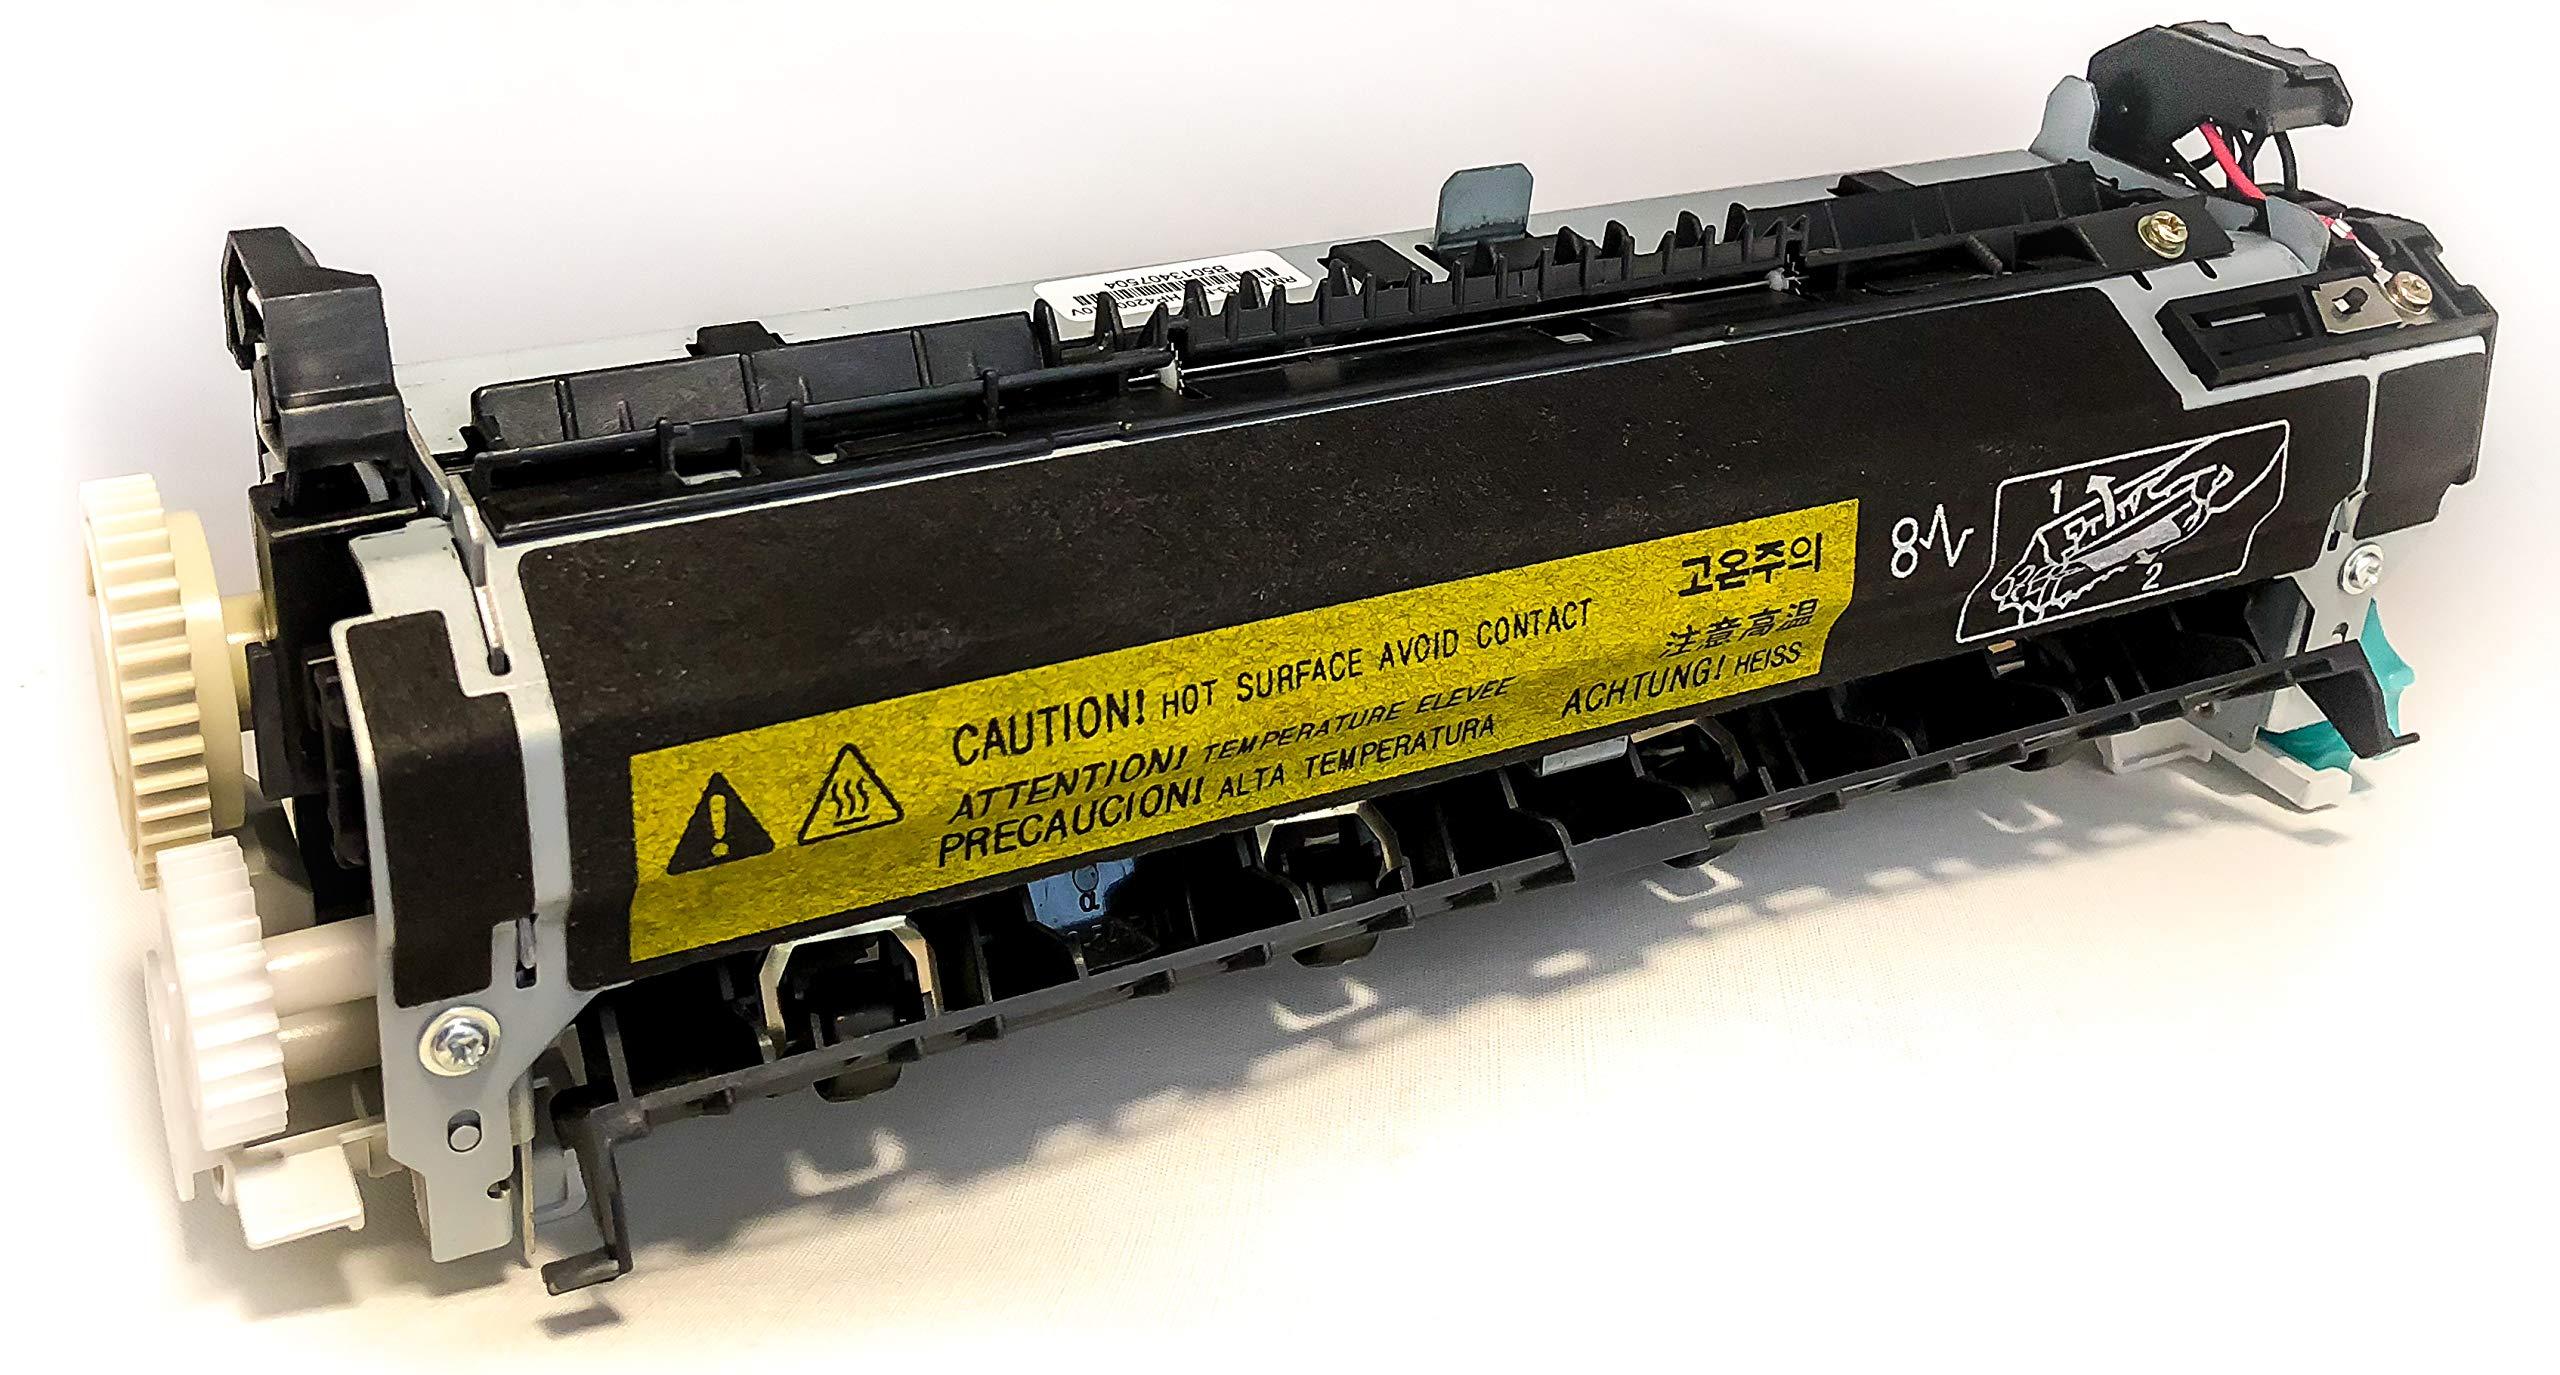 Nupro Q2429A Fuser Maintenance Kit for HP Laserjet 4200 (110V) - Q2429